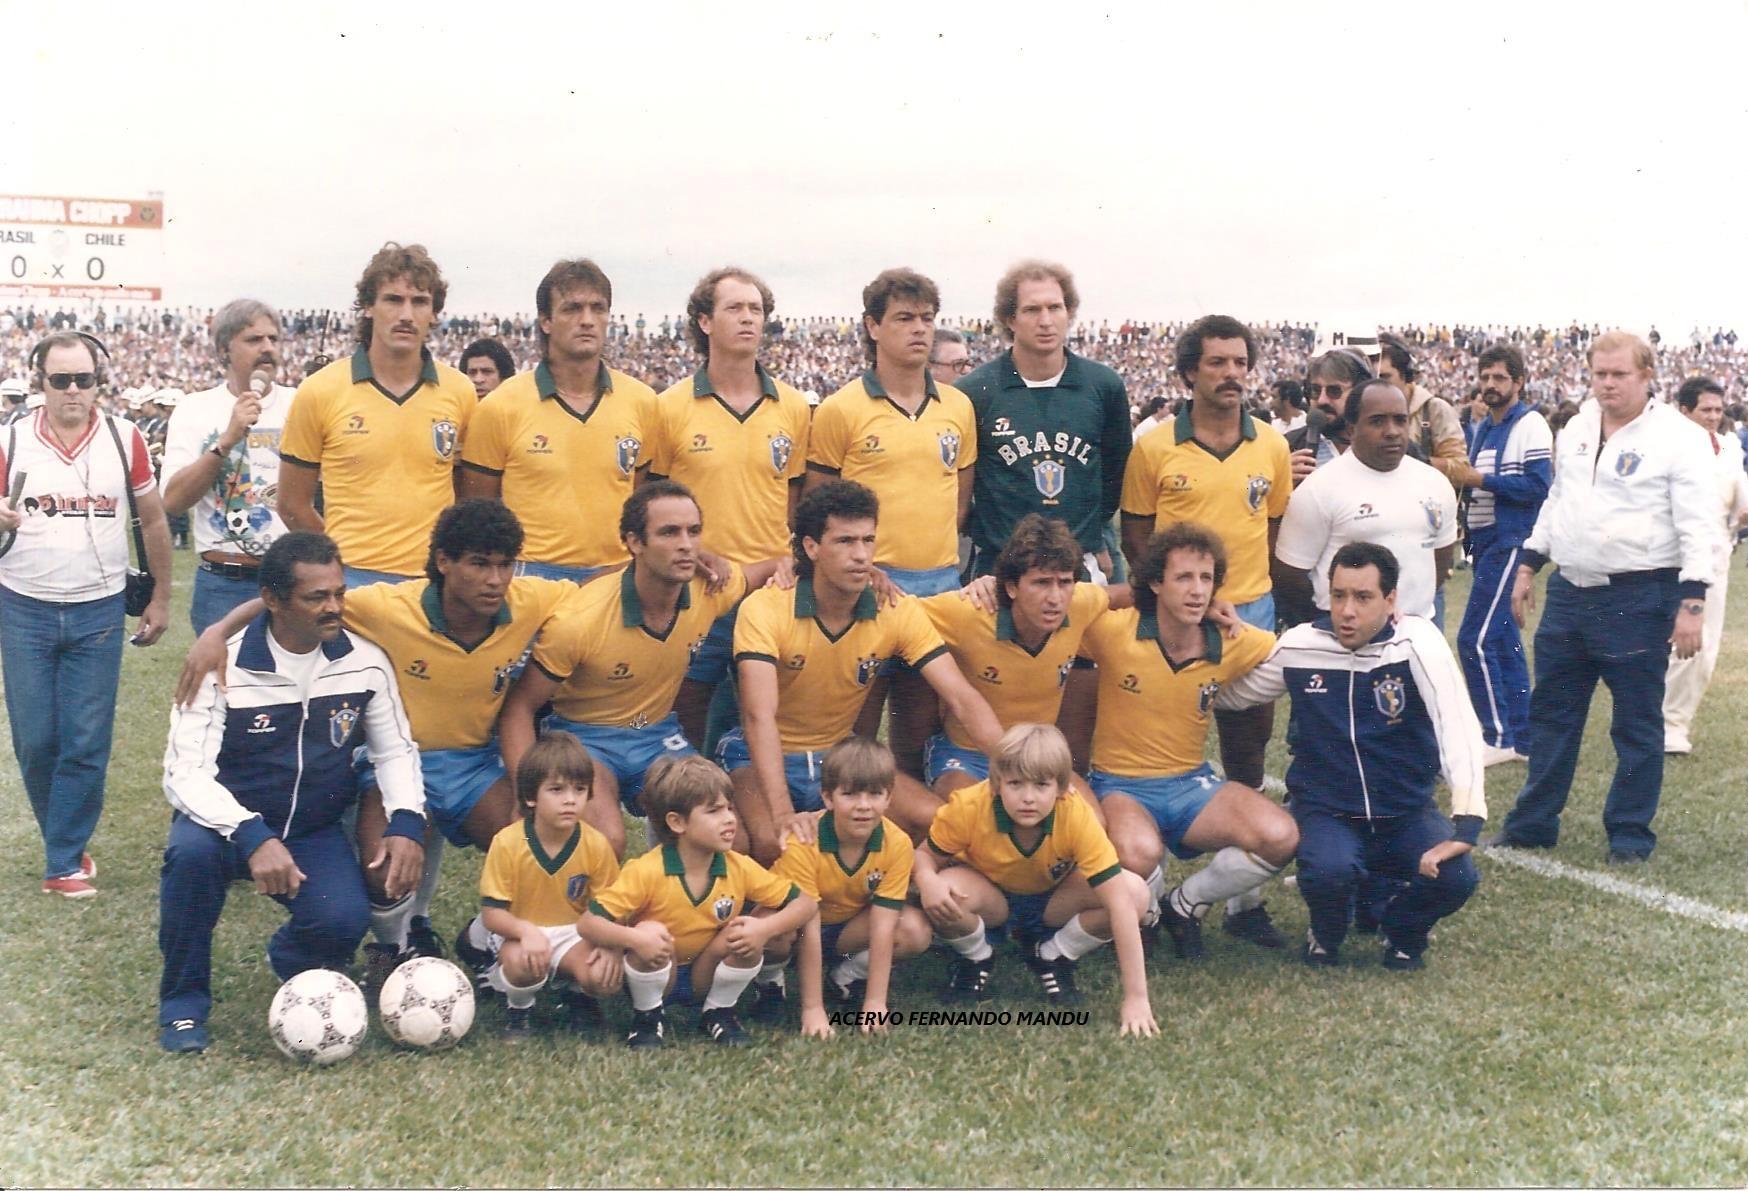 Família Mandu também prestigiou o amistoso entre Brasil x Chile, em 1986, no Pinheirão (Arquivo Pessoal)